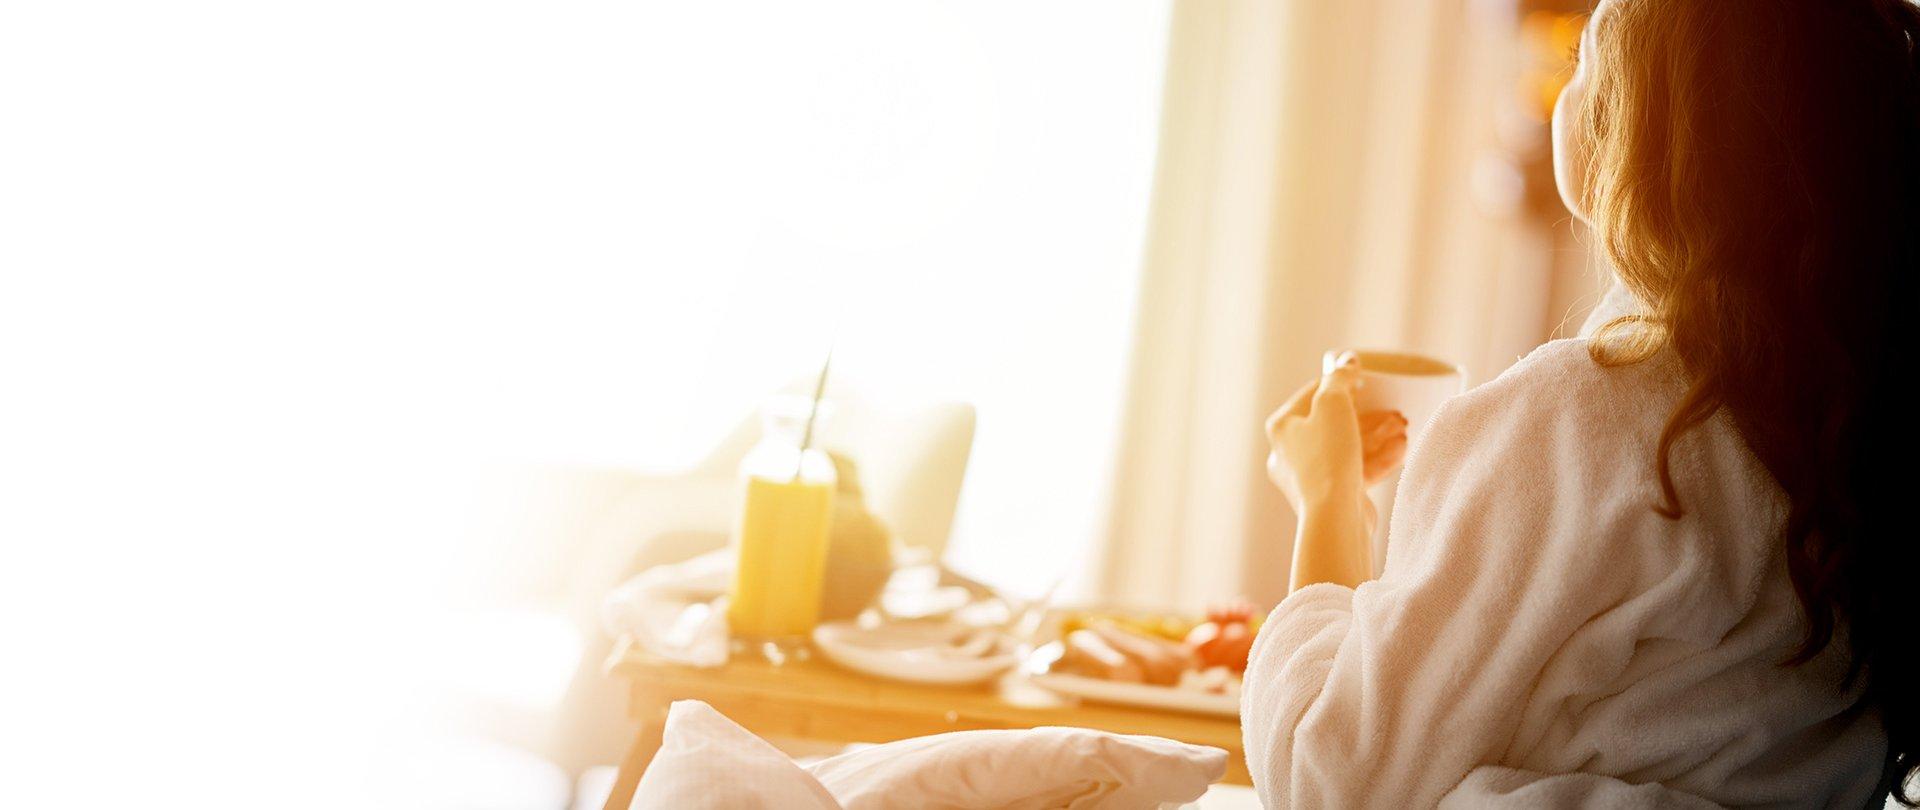 Долгосрочное проживание в Arche Hotel Poloneza - пример sharing economy